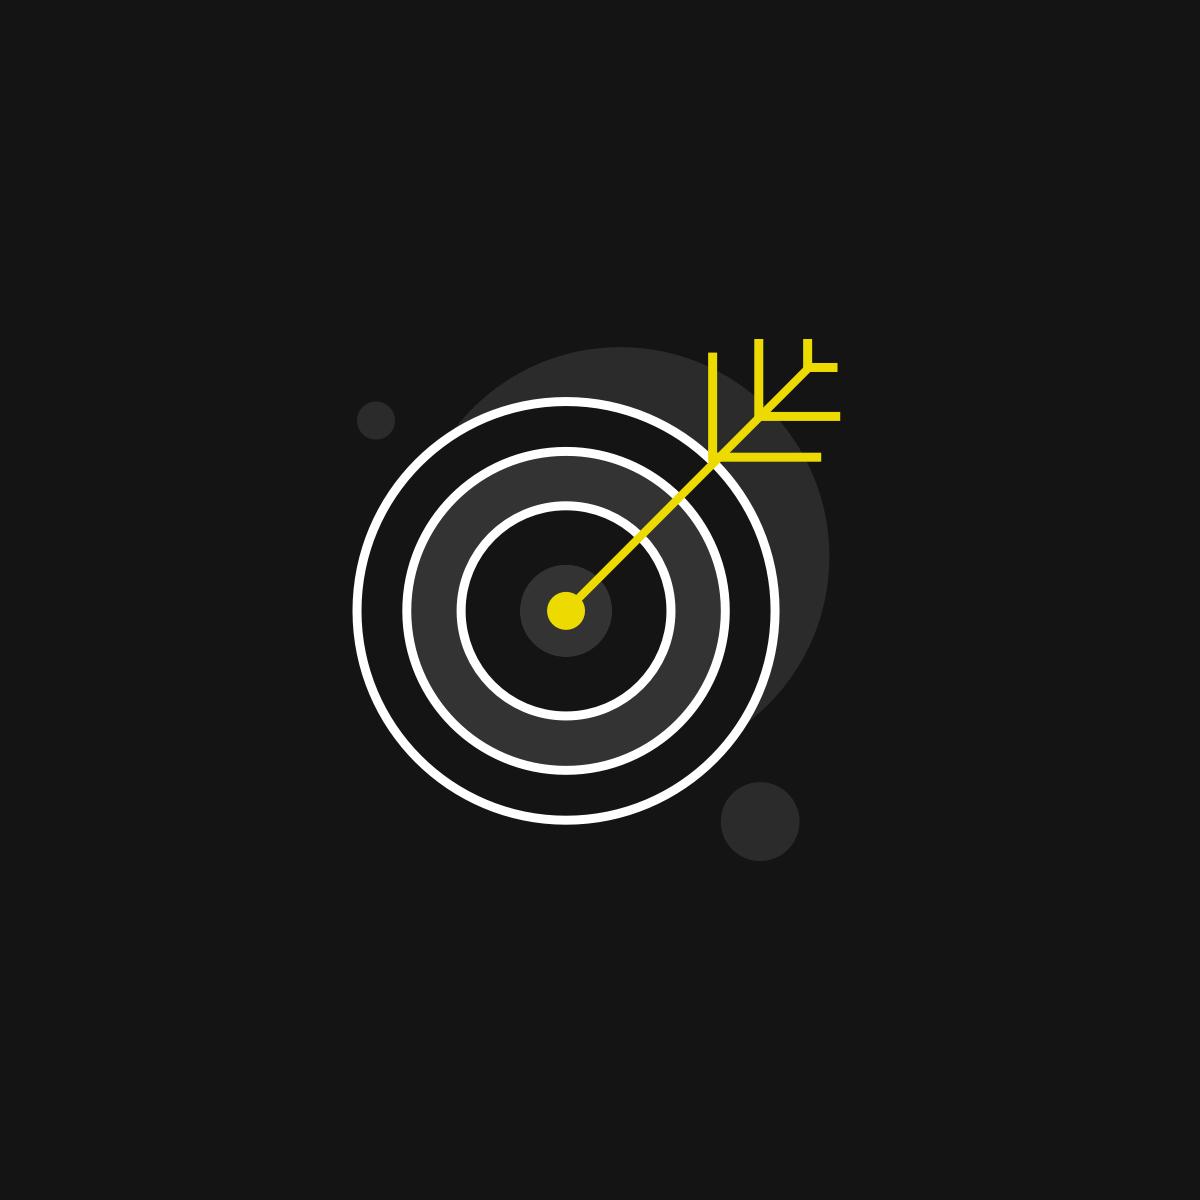 GRAY-lz-icon-simplicite-black-yellow-square@3x